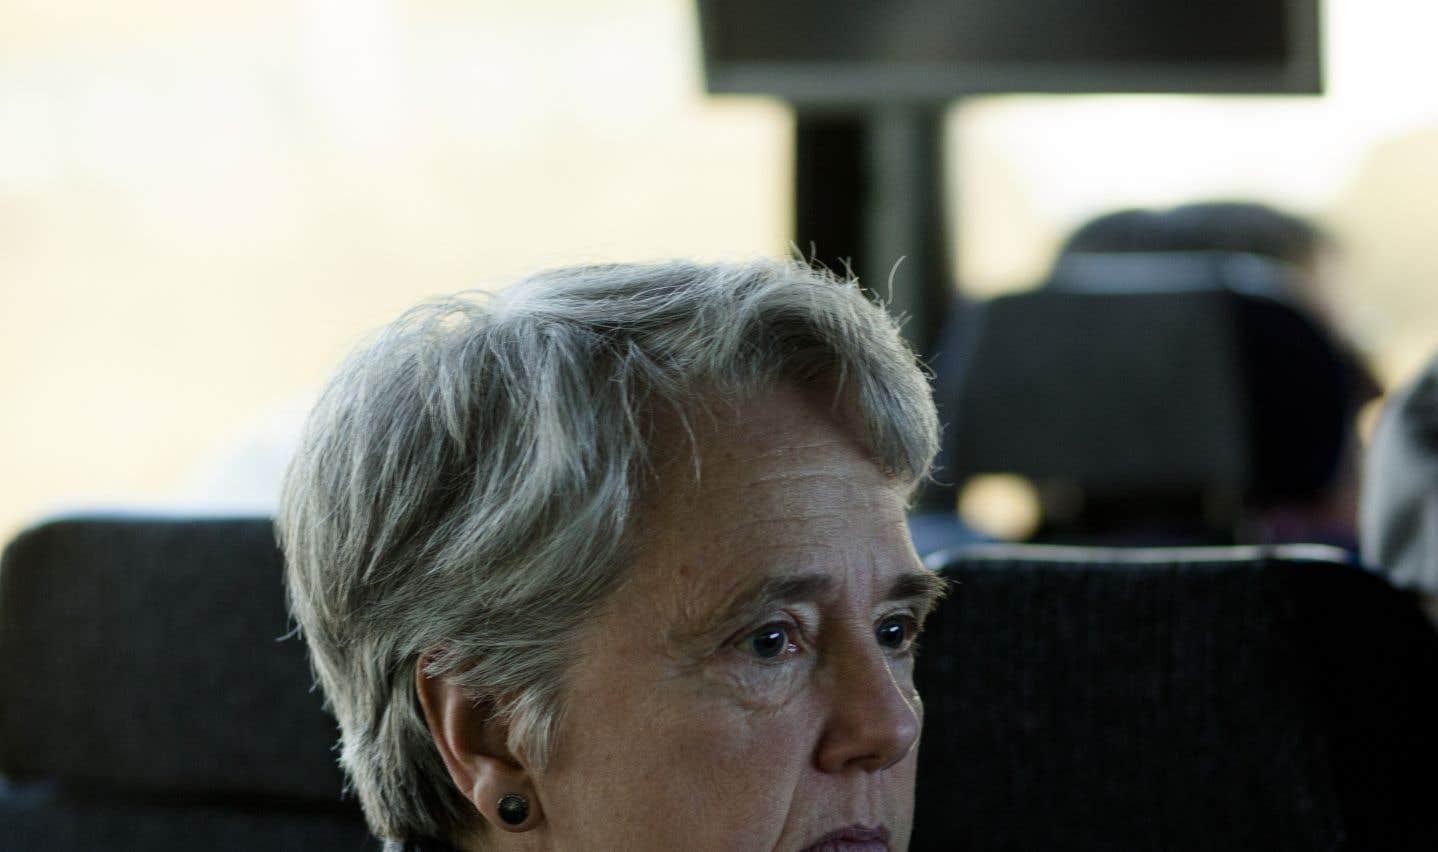 Marie Delagrave, ex-journaliste au «Soleil», dit être «encore sonnée» par ce qu'elle vit. «Dans l'ensemble, on perd 30% [de nos rentes] et ça, ce n'est pas correct, parce que c'était nos économies.»